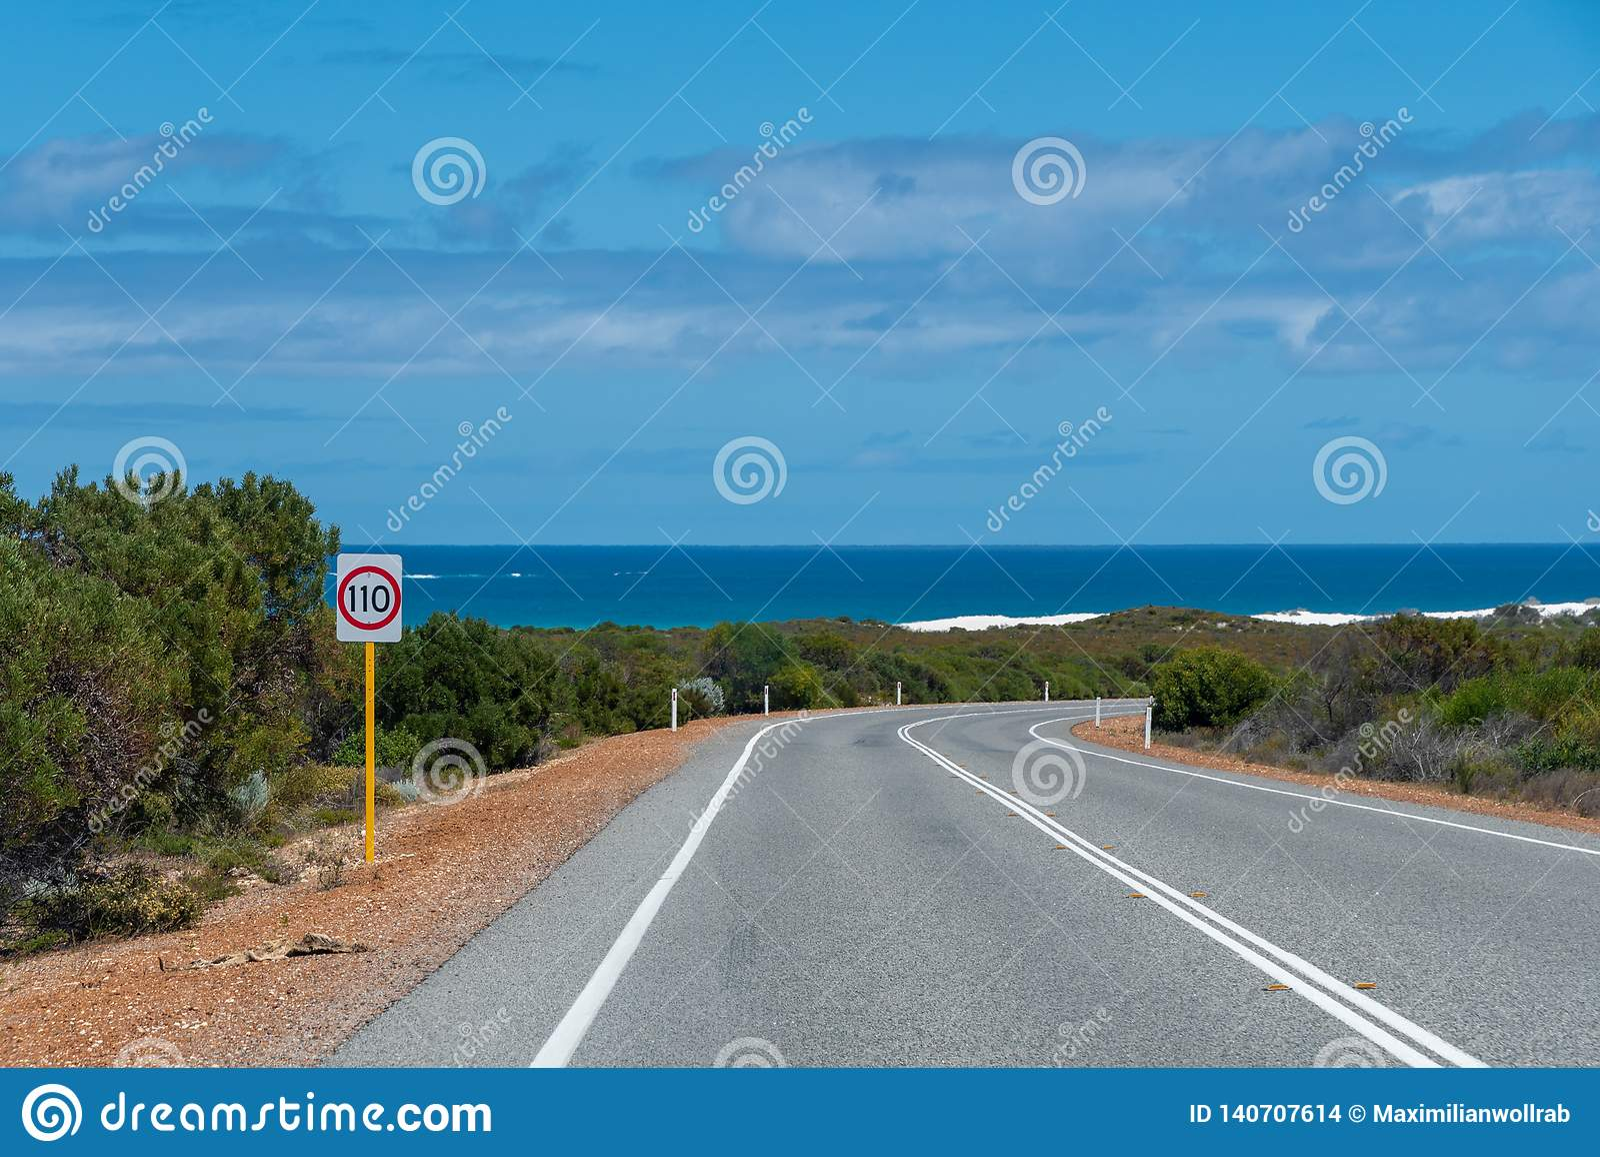 Δρόμος Ινδικού Ωκεανού στη δυτική ακτή της Αυστραλίας κοντά στο Περθ με τους Μπους και τον ωκεανό